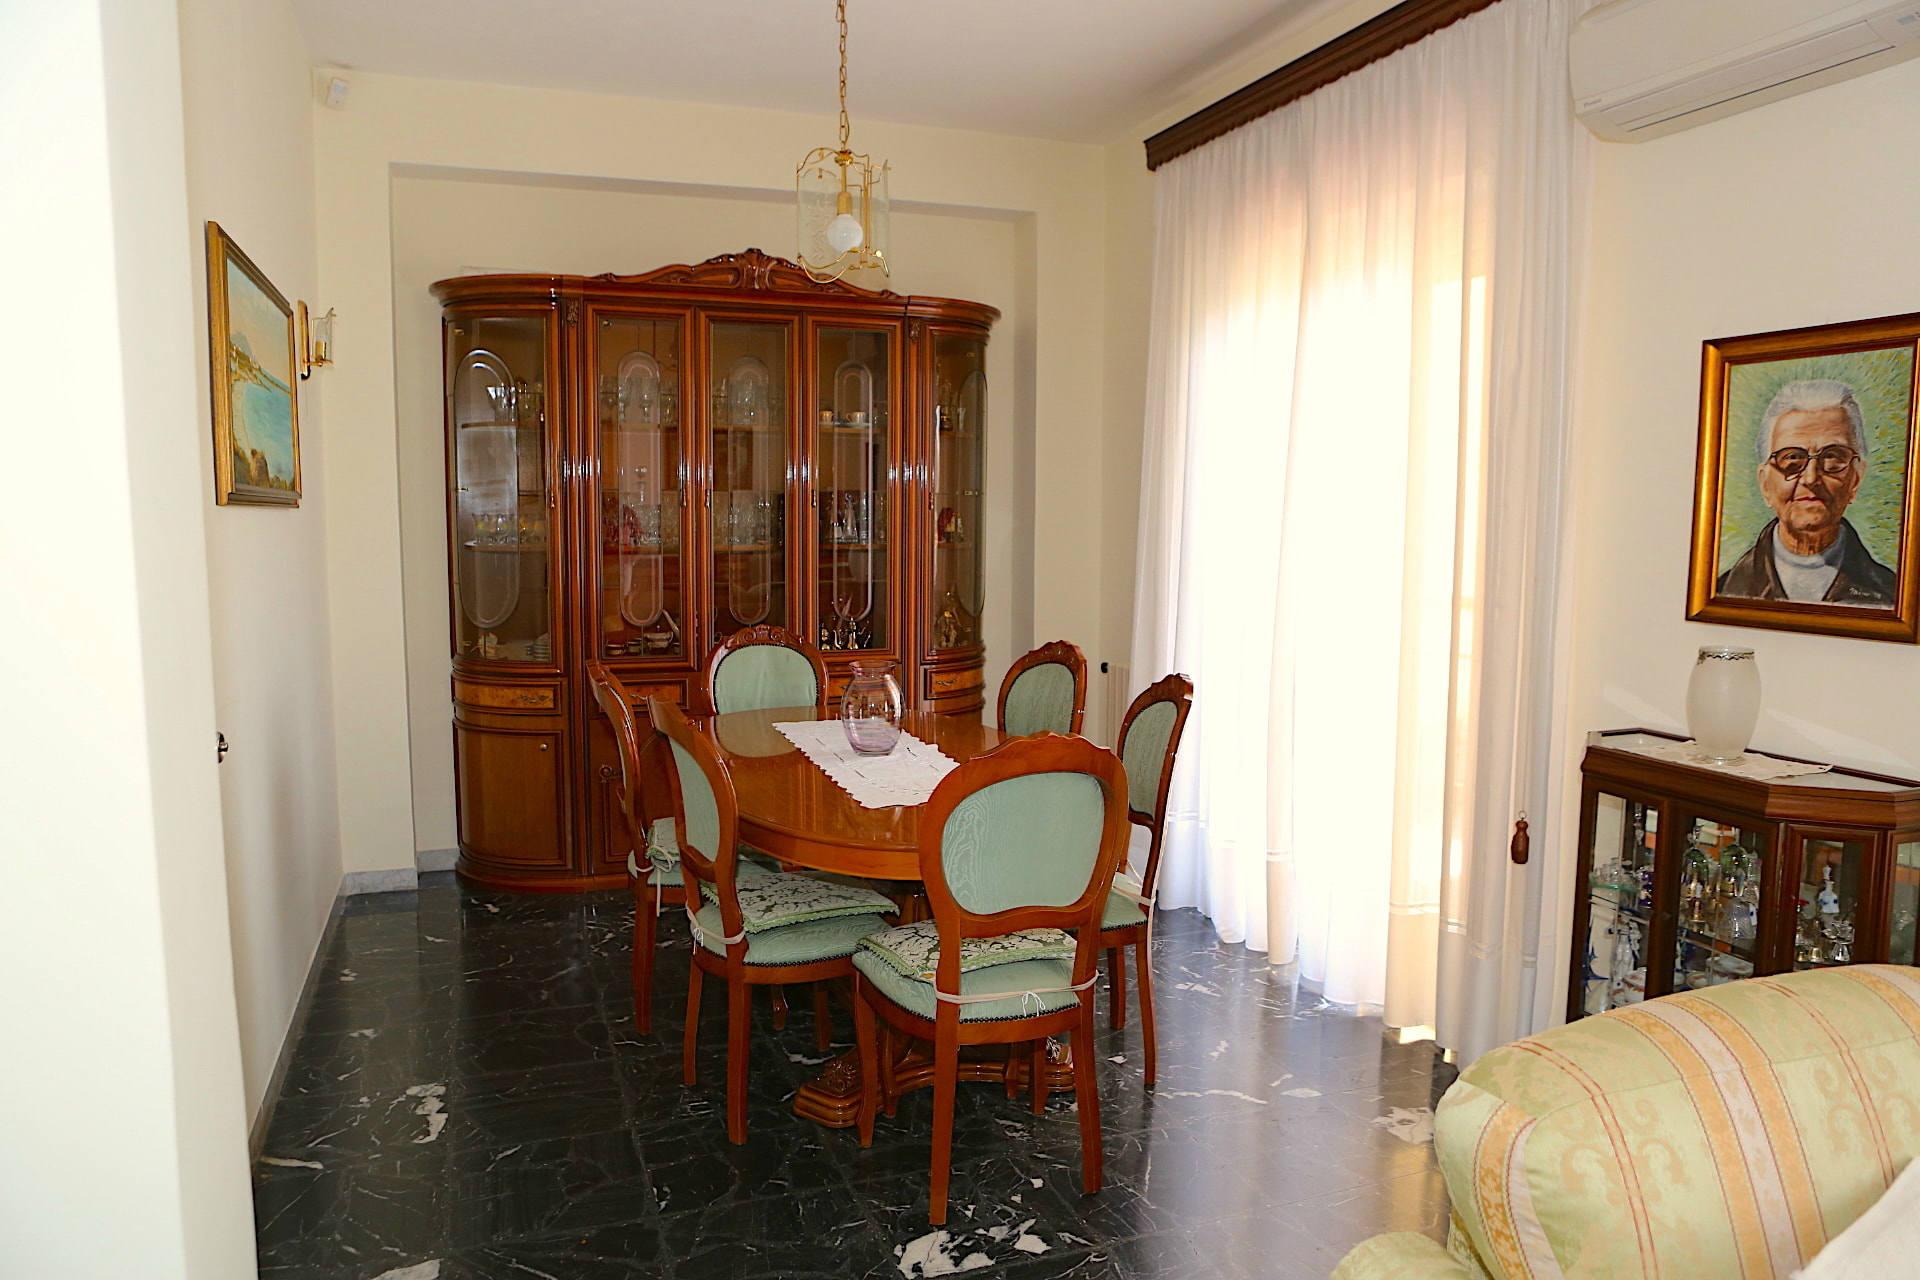 affitto casa vacanze mare olbia 8721 (20180608160647-2018-67349-NDP.JPG)